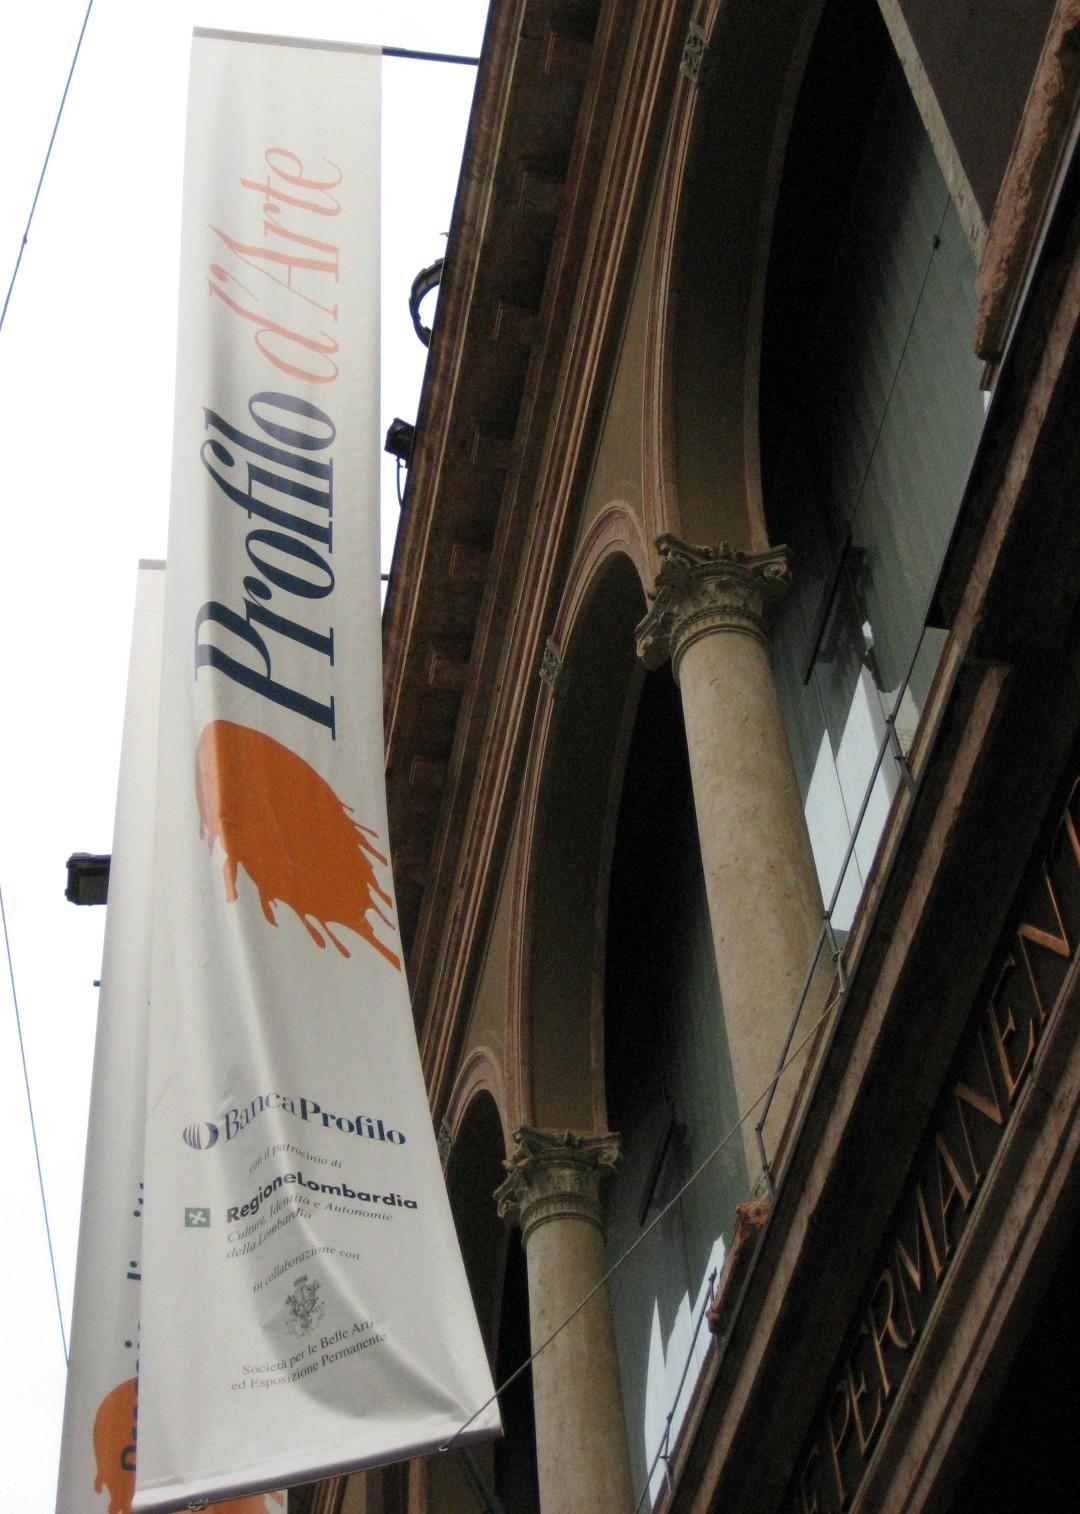 Museo della Permanente, Milan, Italy